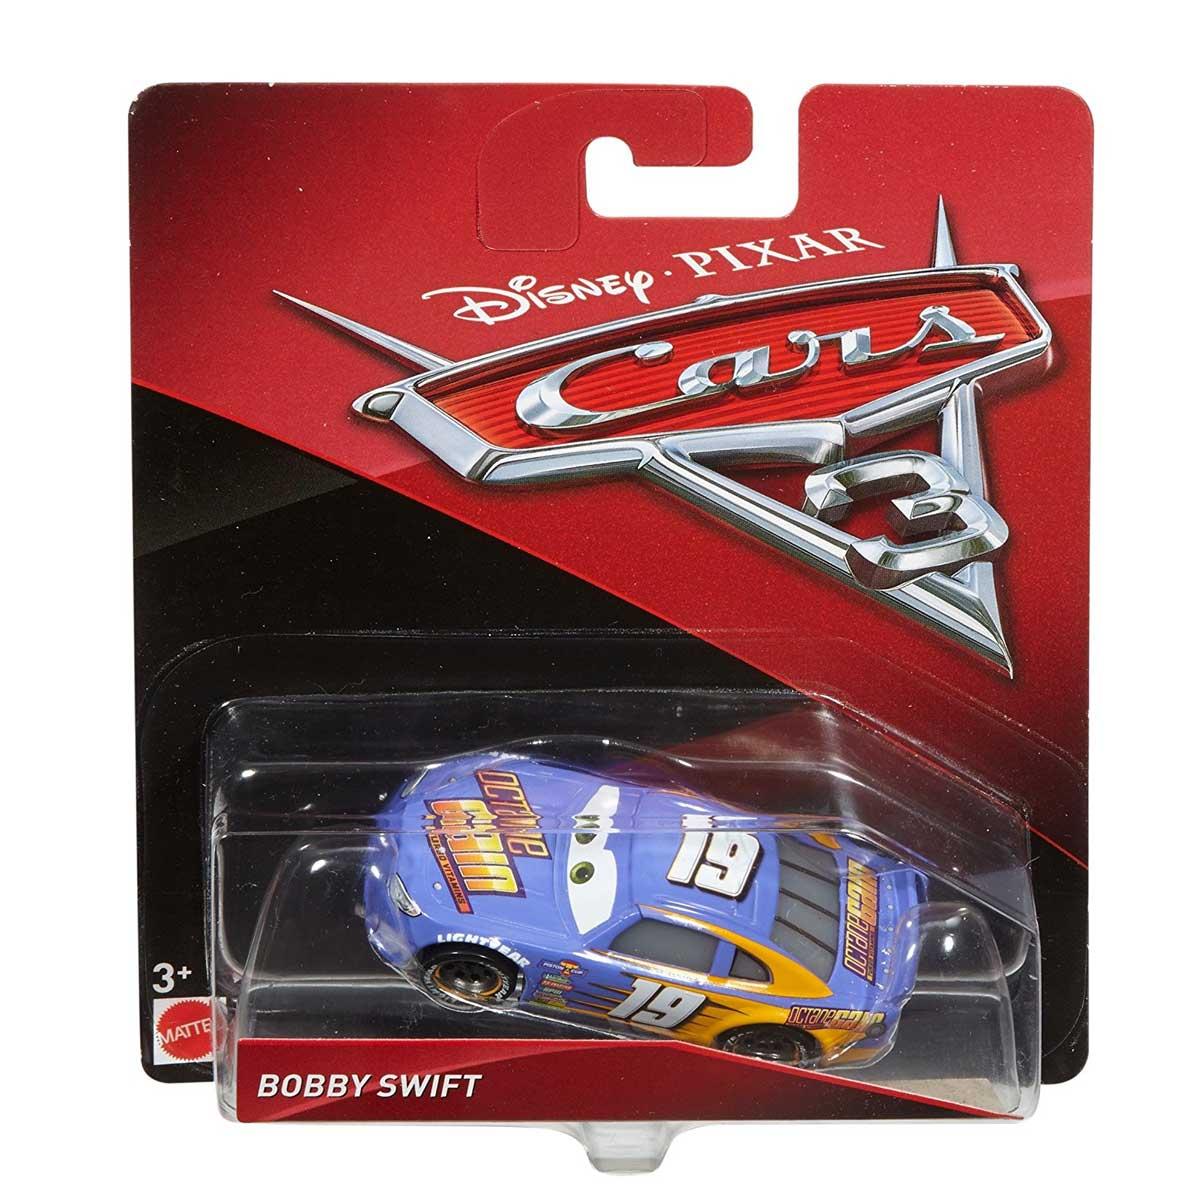 3Bobby Swift Voiture Cars Cars Voiture KJTlF1c3